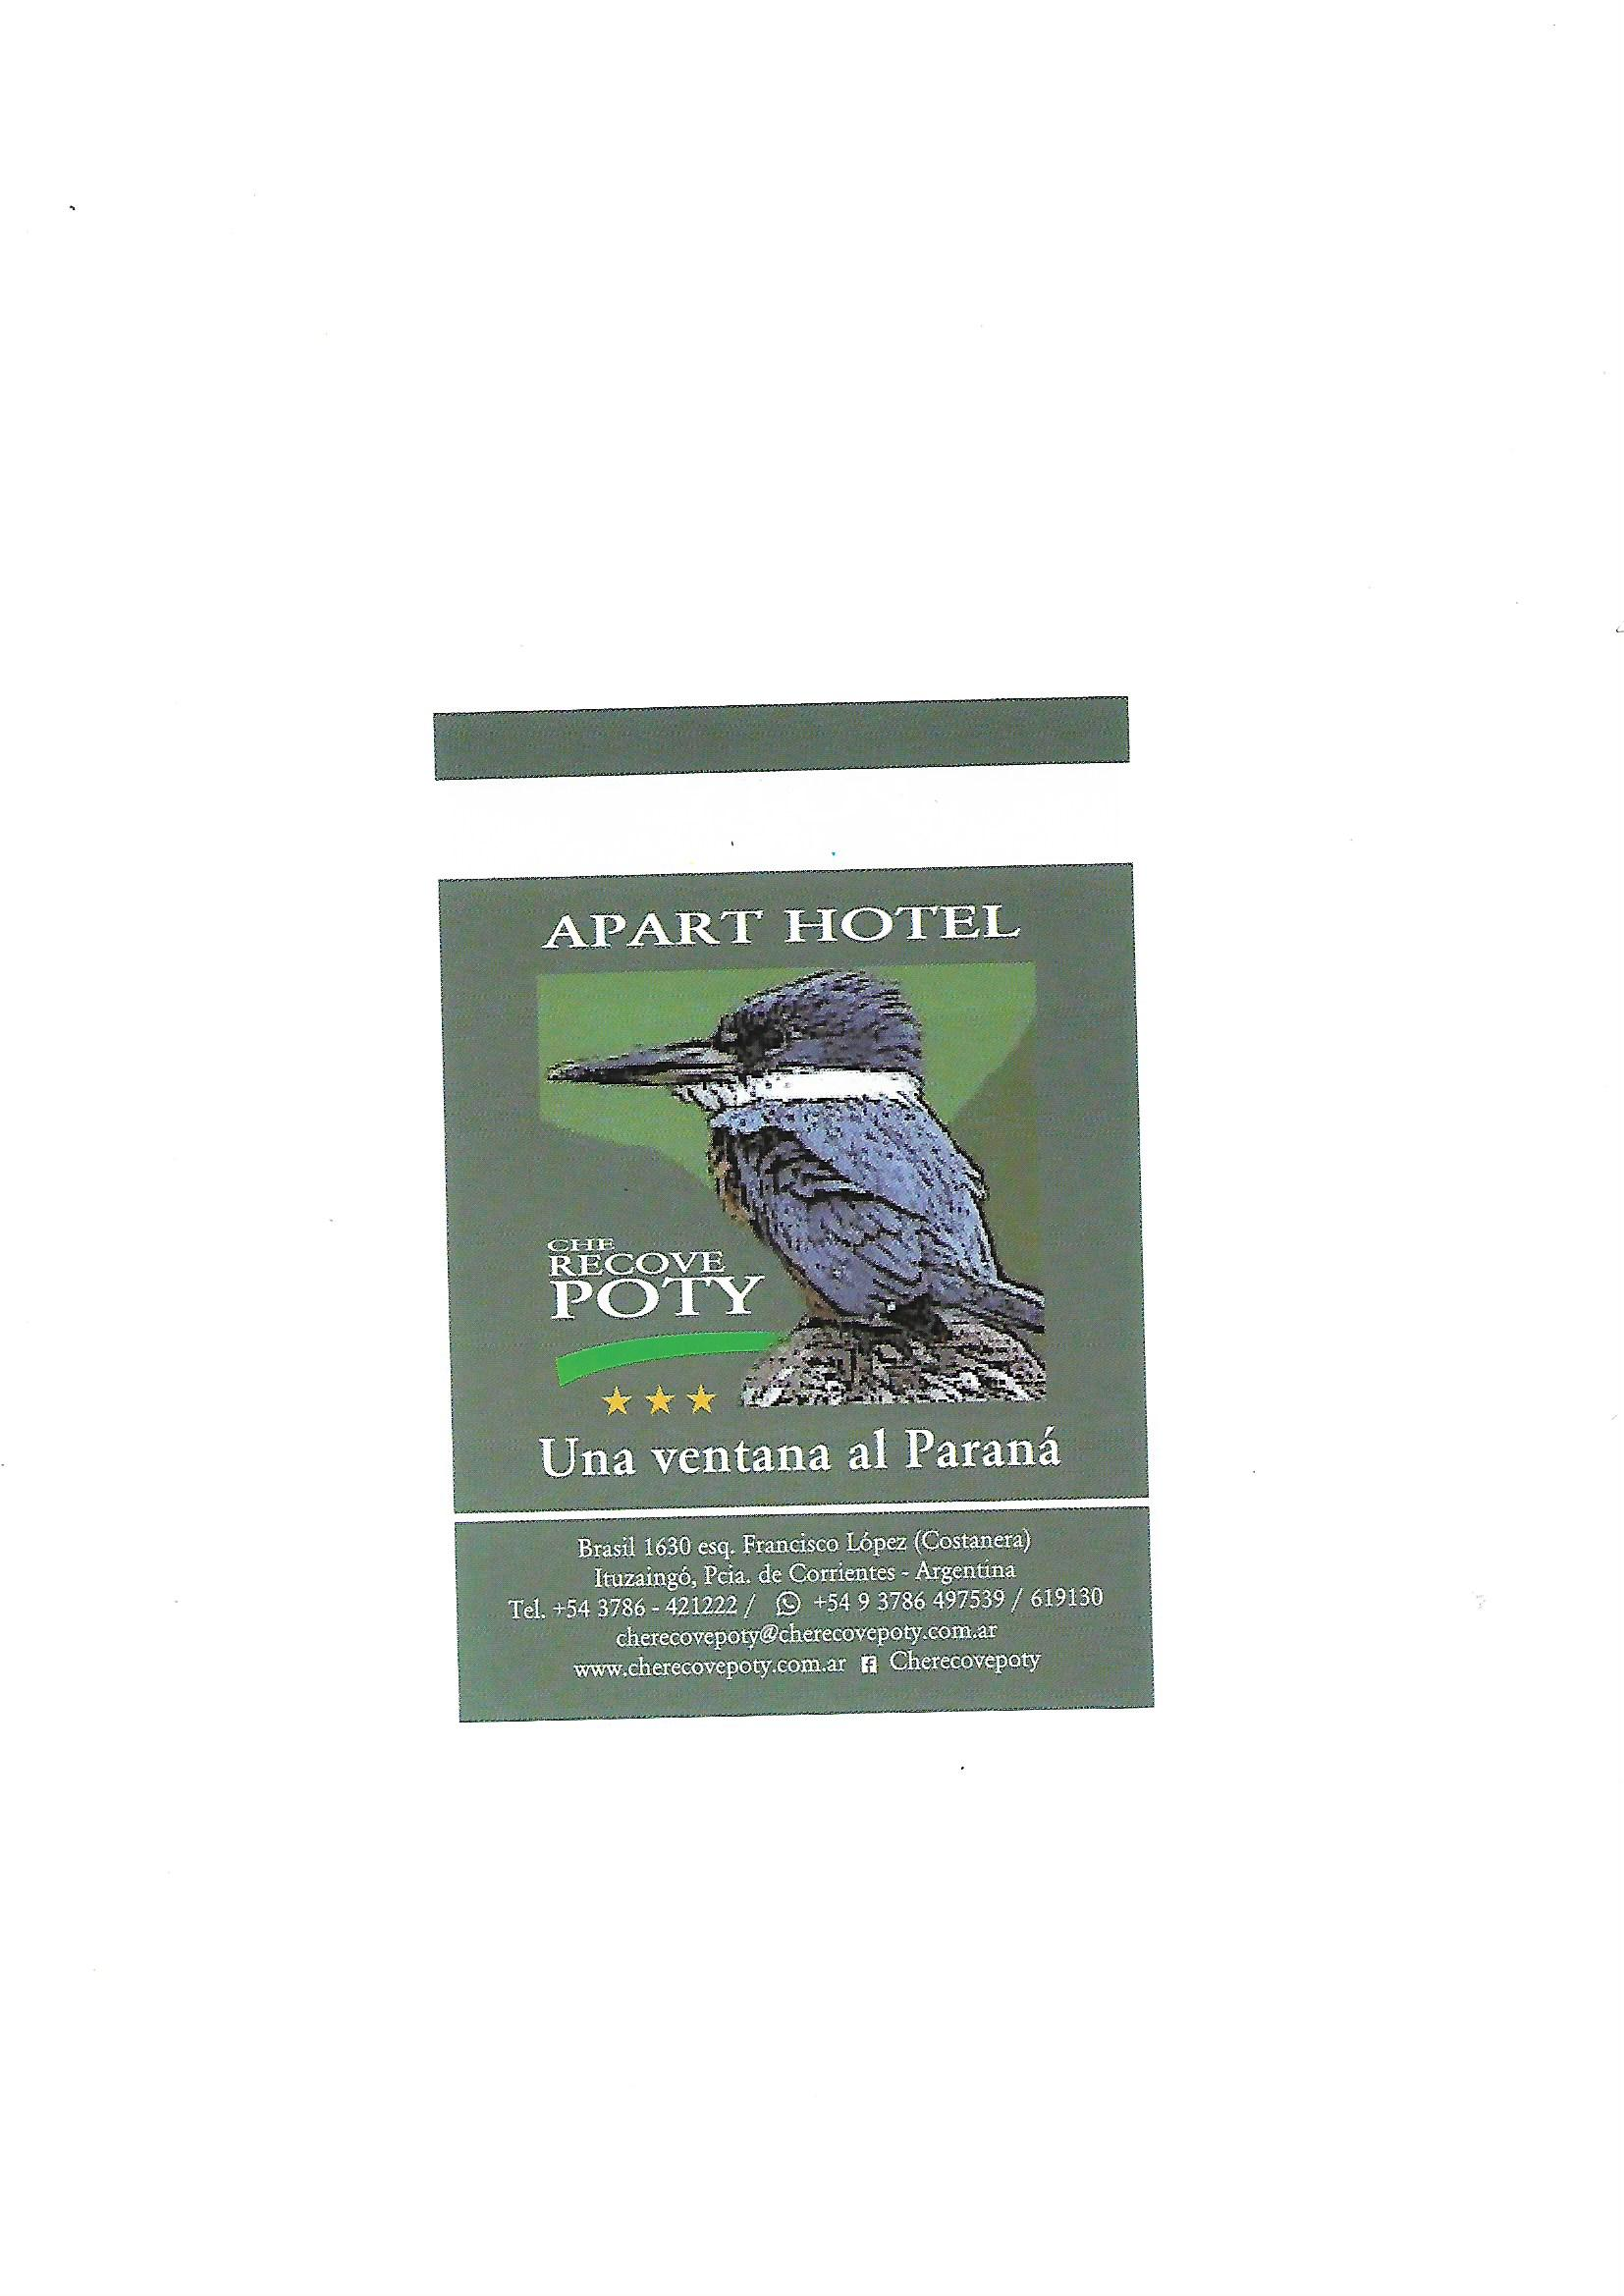 APART HOTEL CHE RECOVE POTY